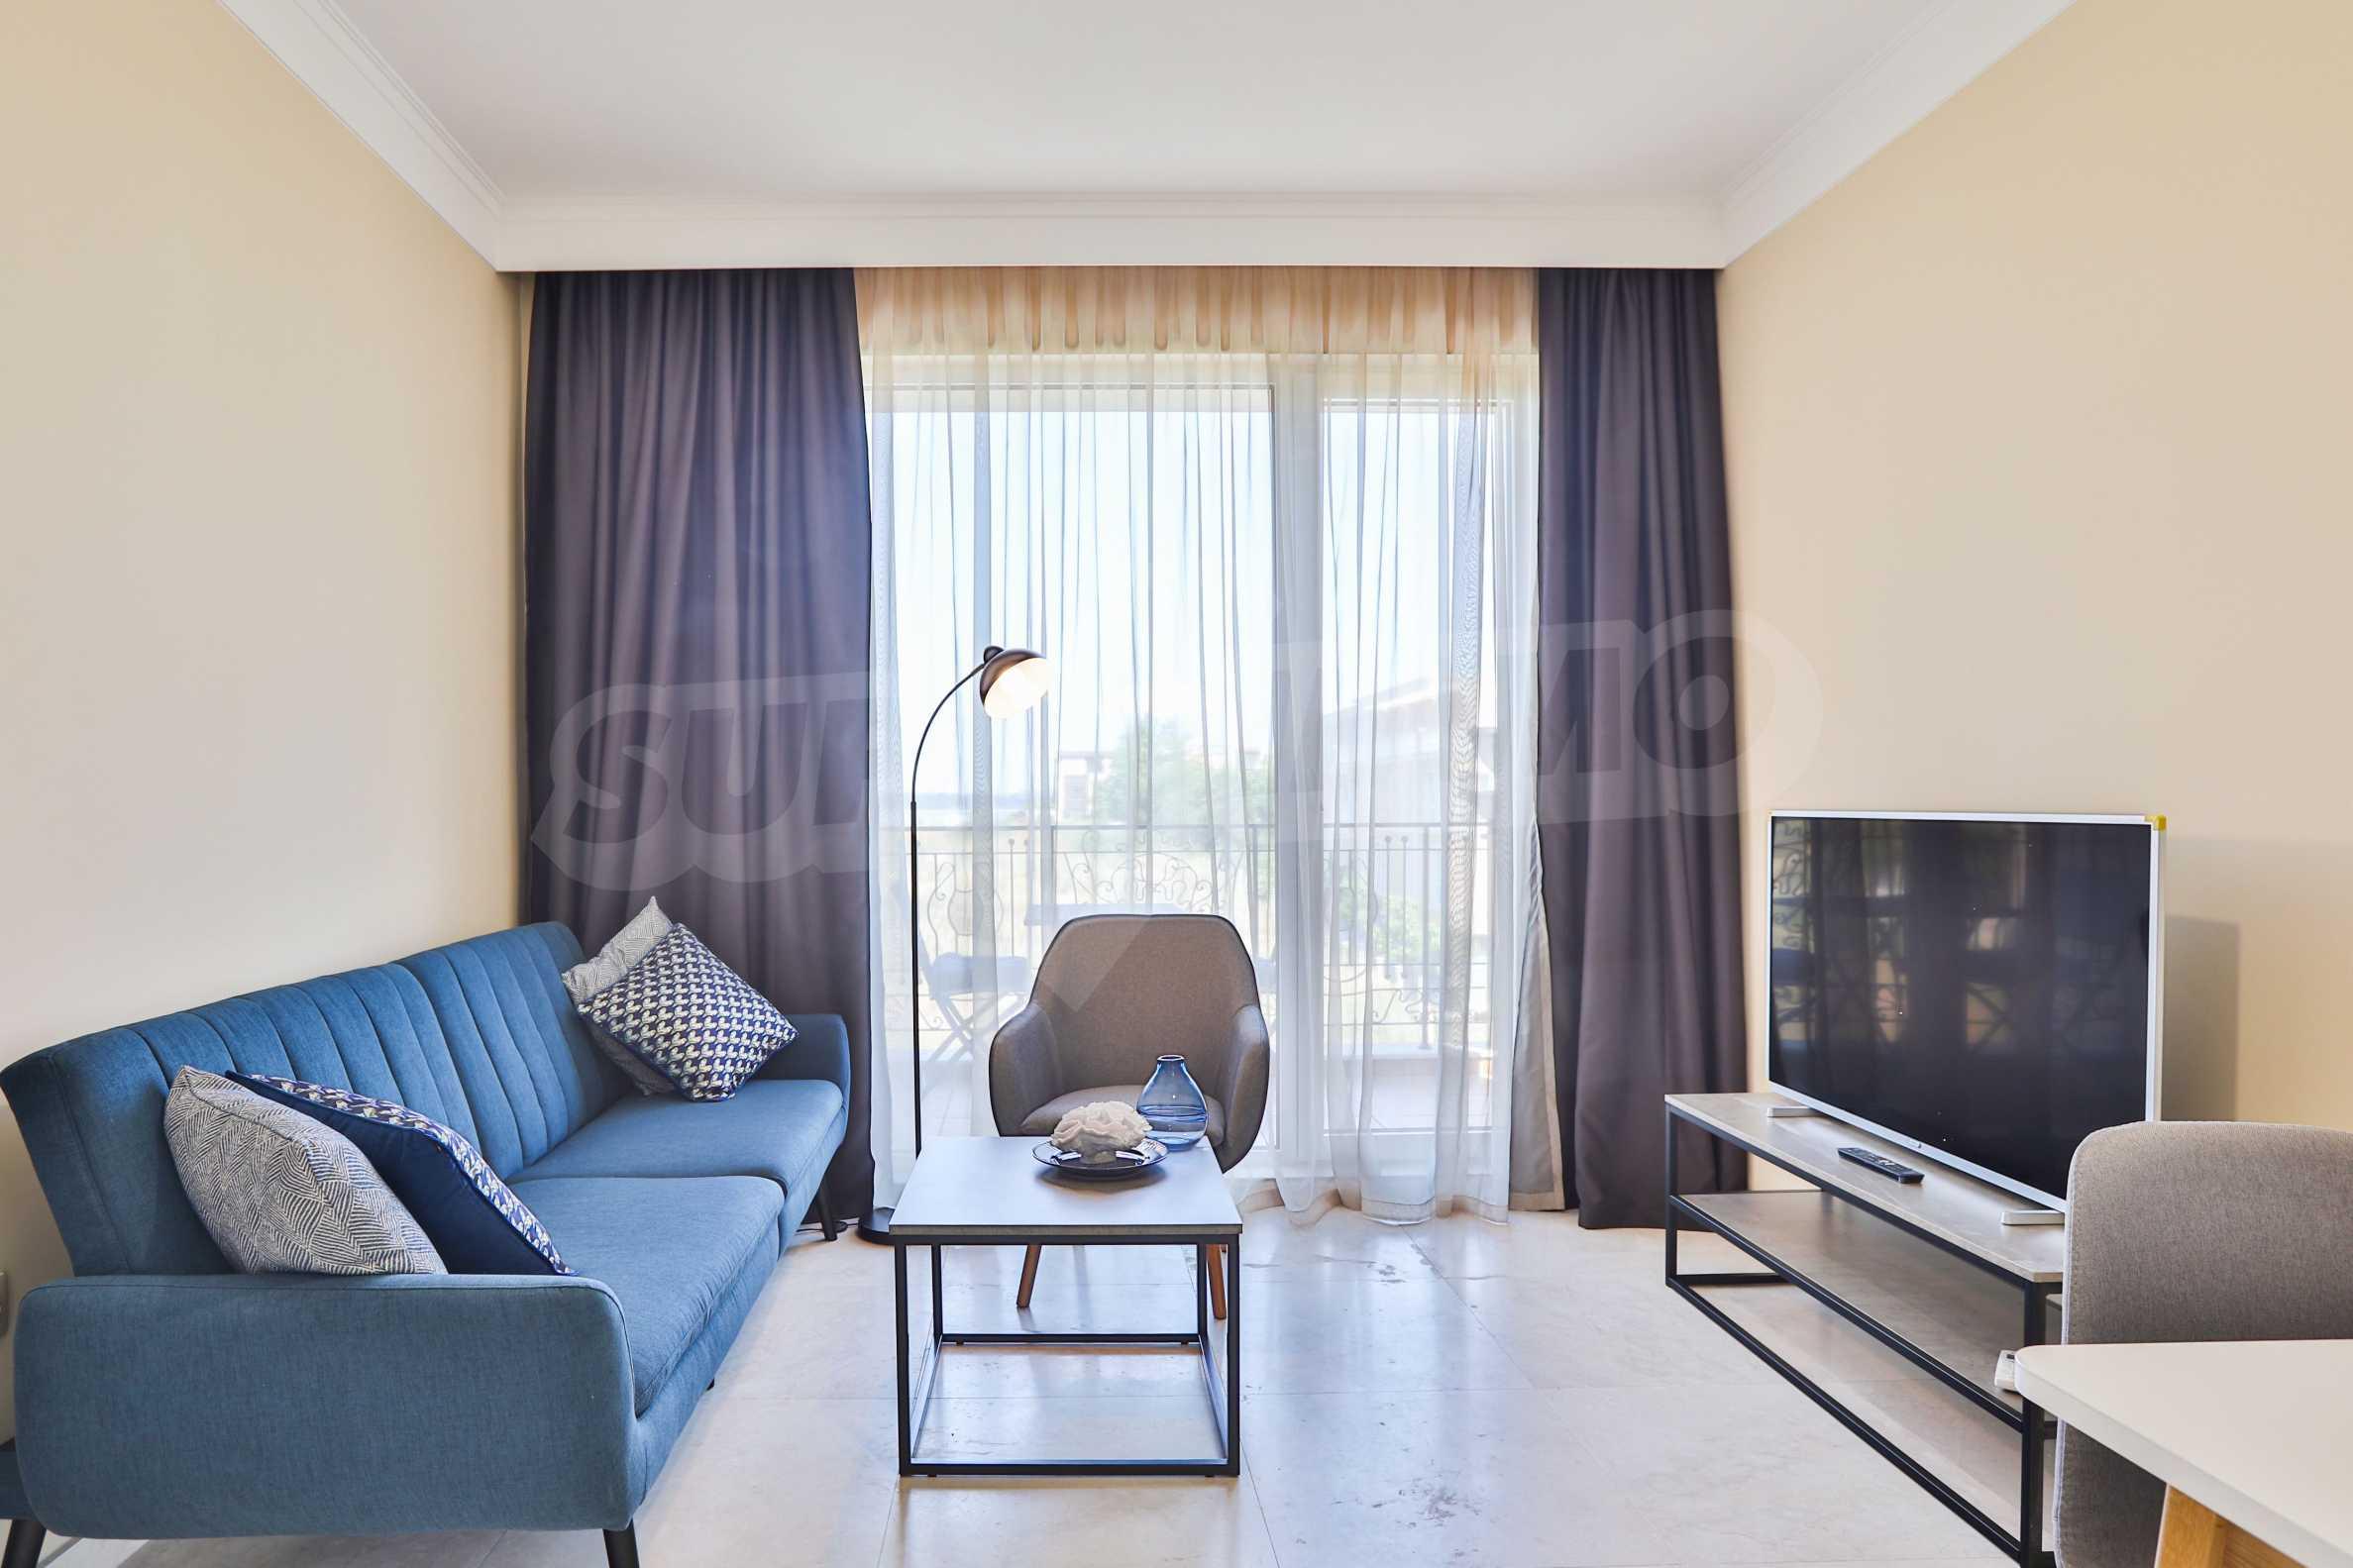 Двустаен апартамент в бутиковата резиденция до Централен плаж - Belle Époque (ап. №A 305) 1